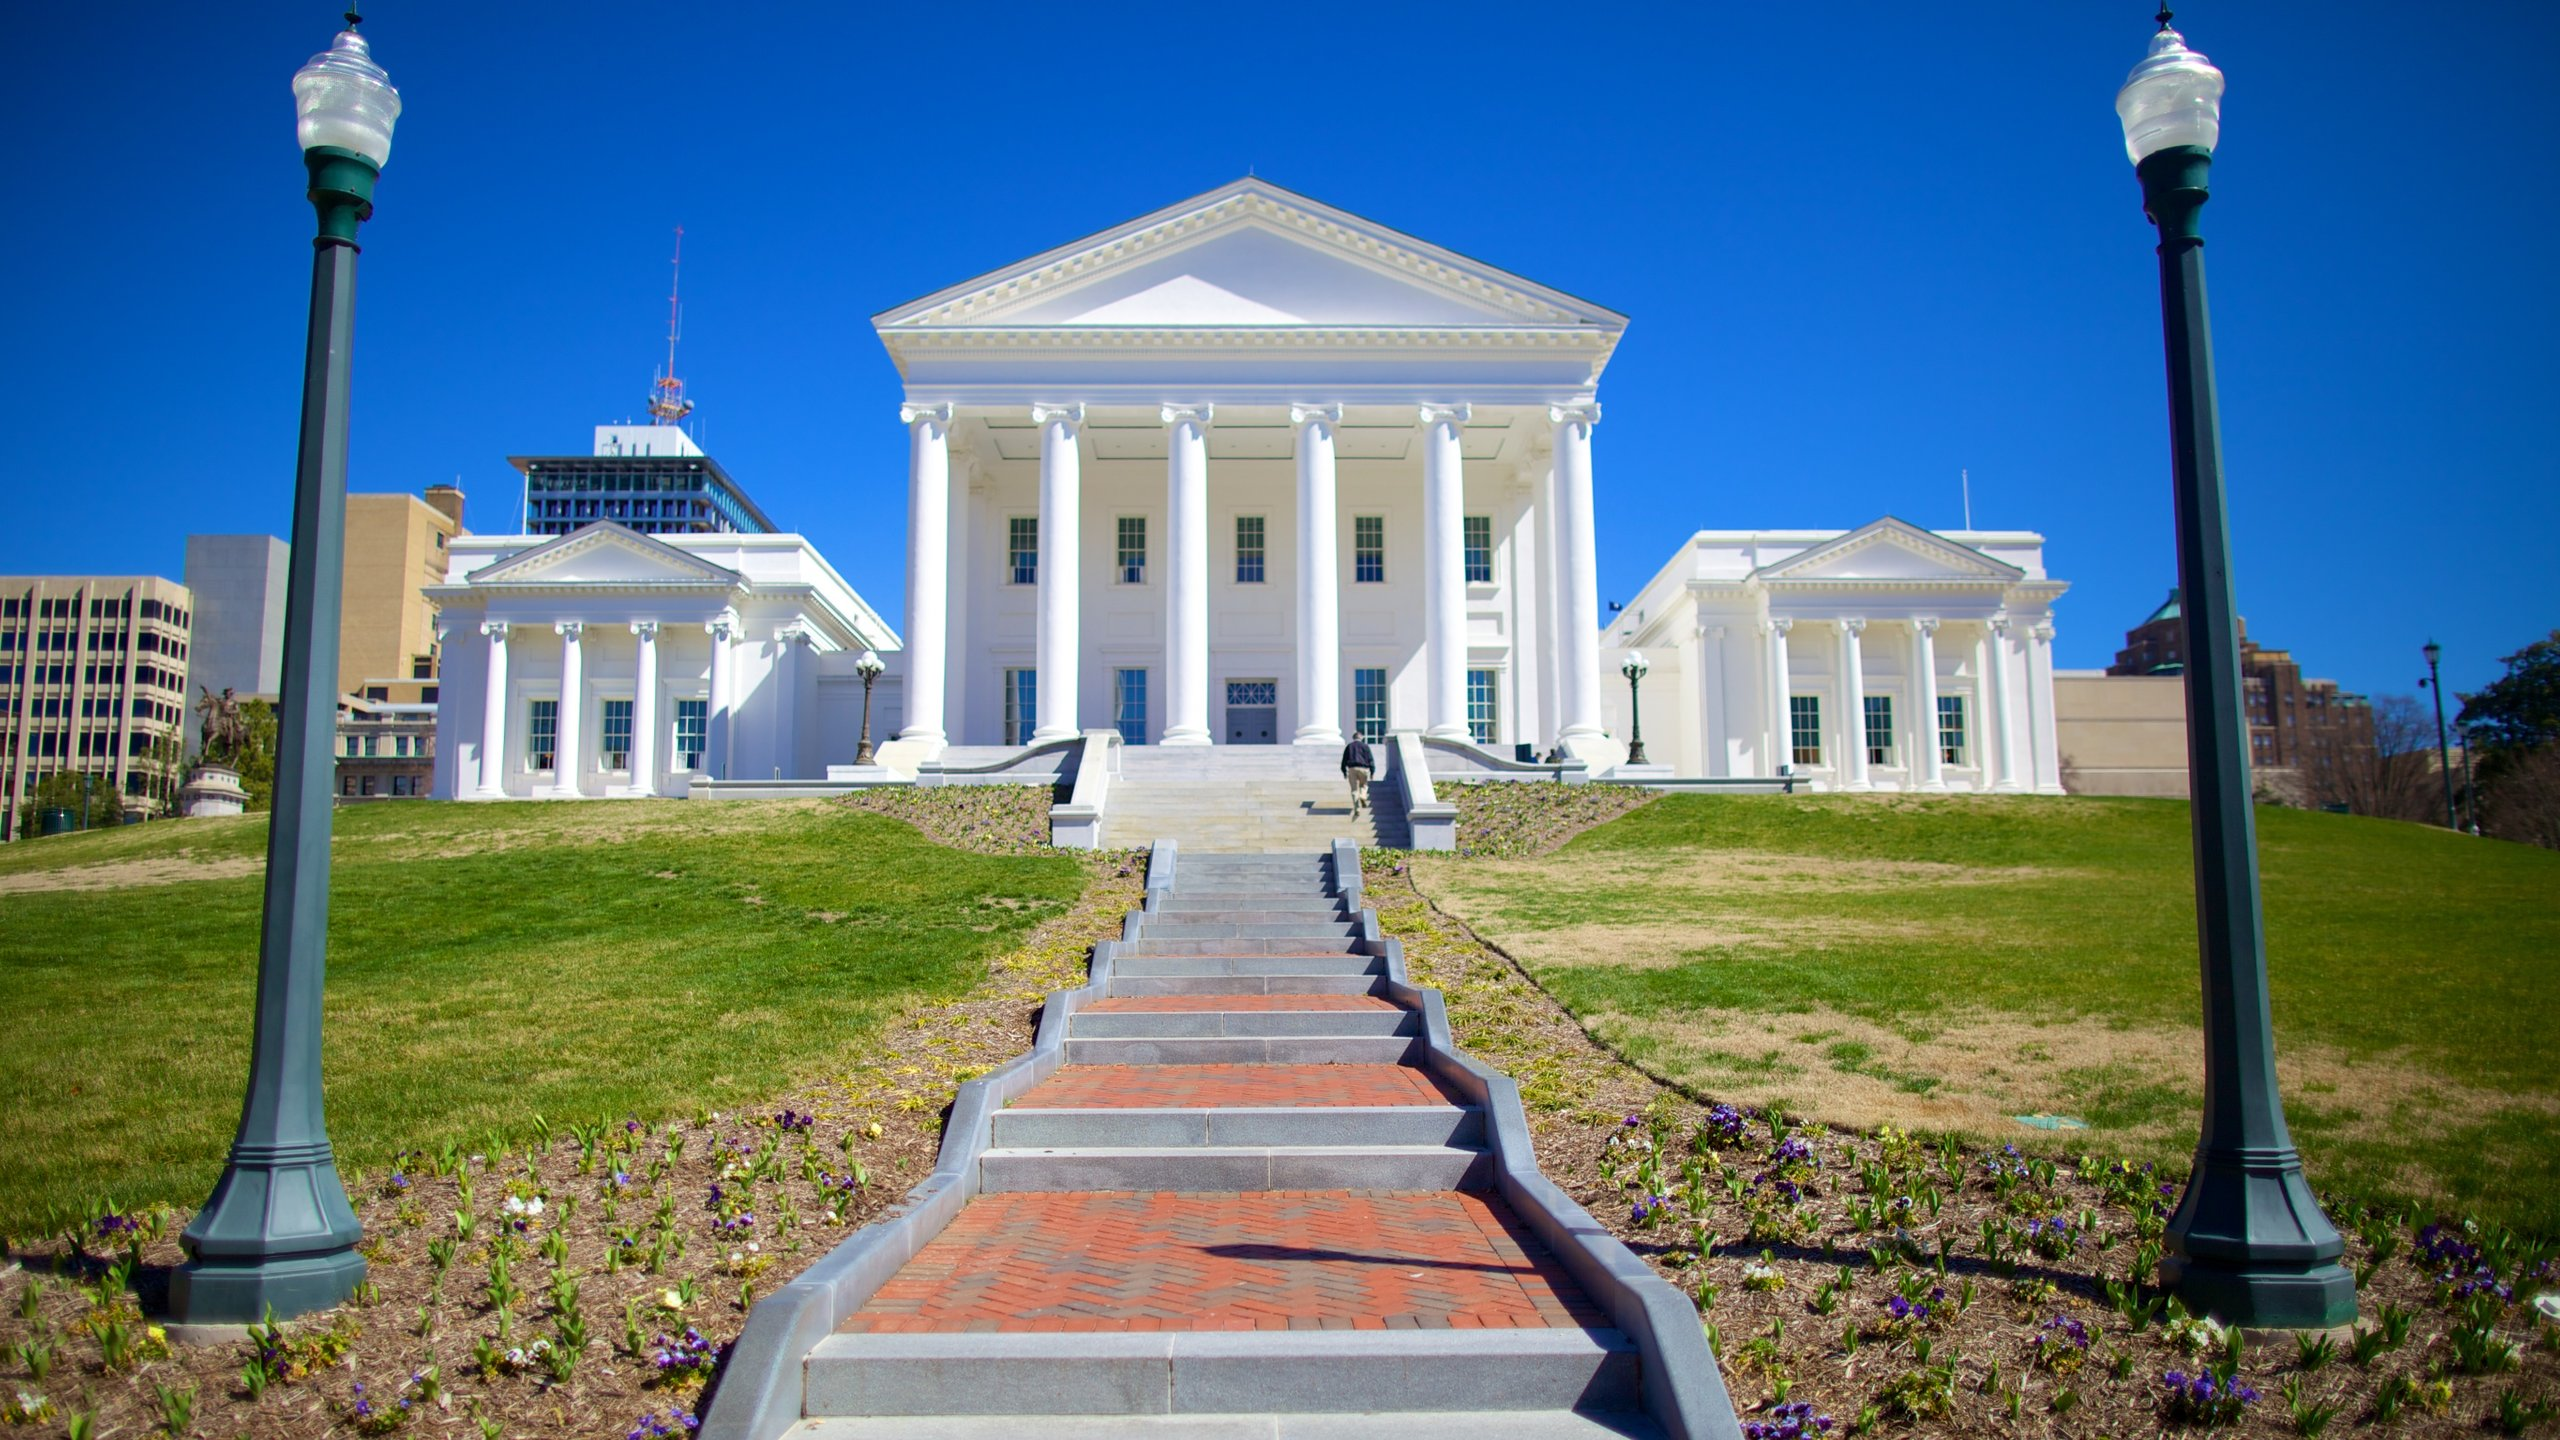 Central Virginia, Virginia, United States of America